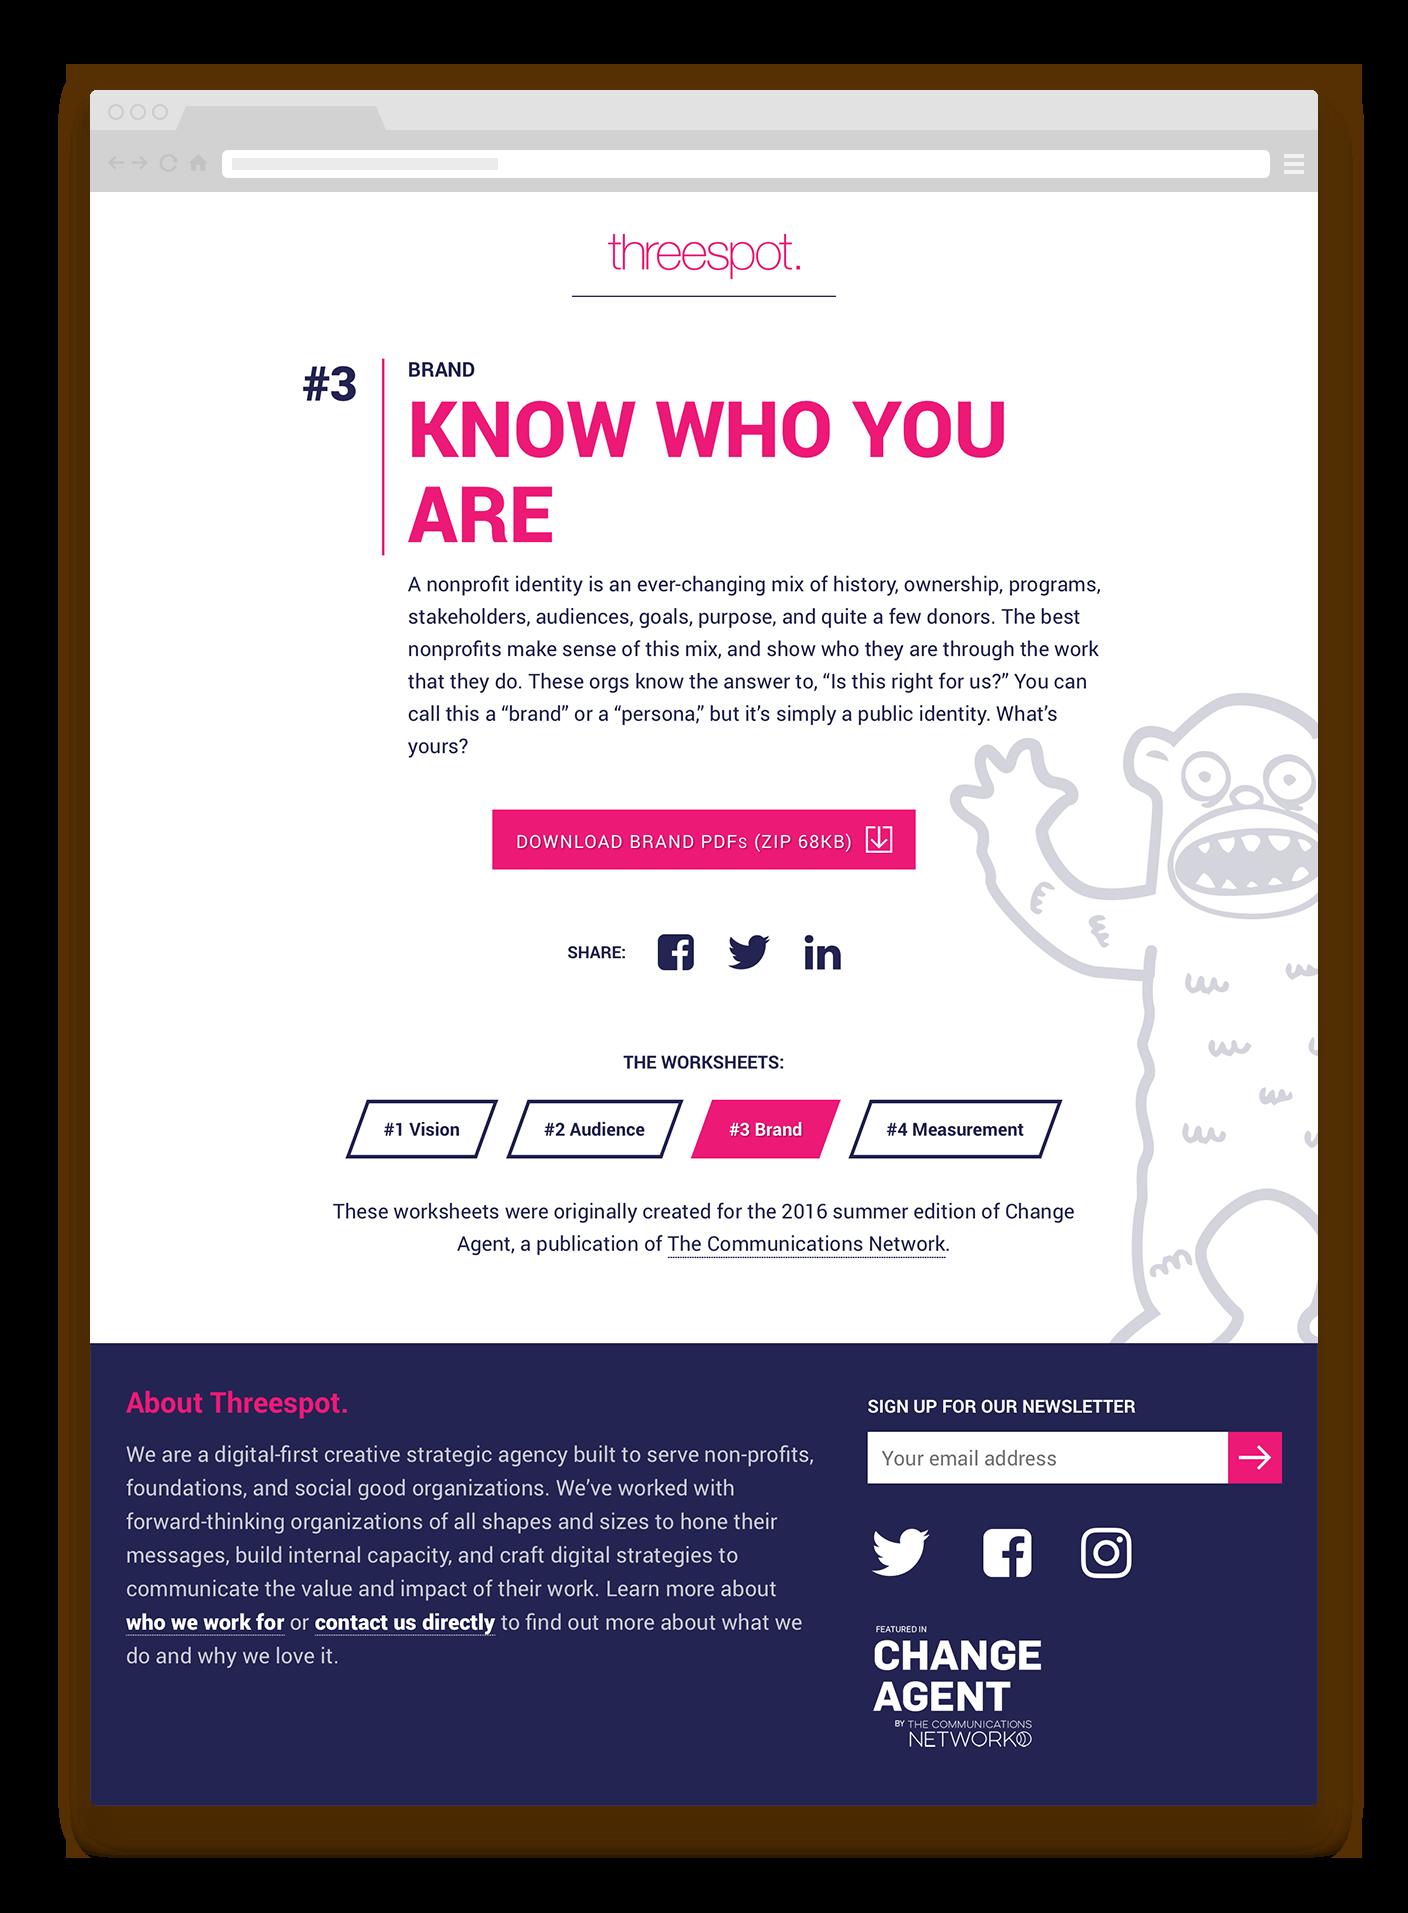 ChangeAgent-website.png